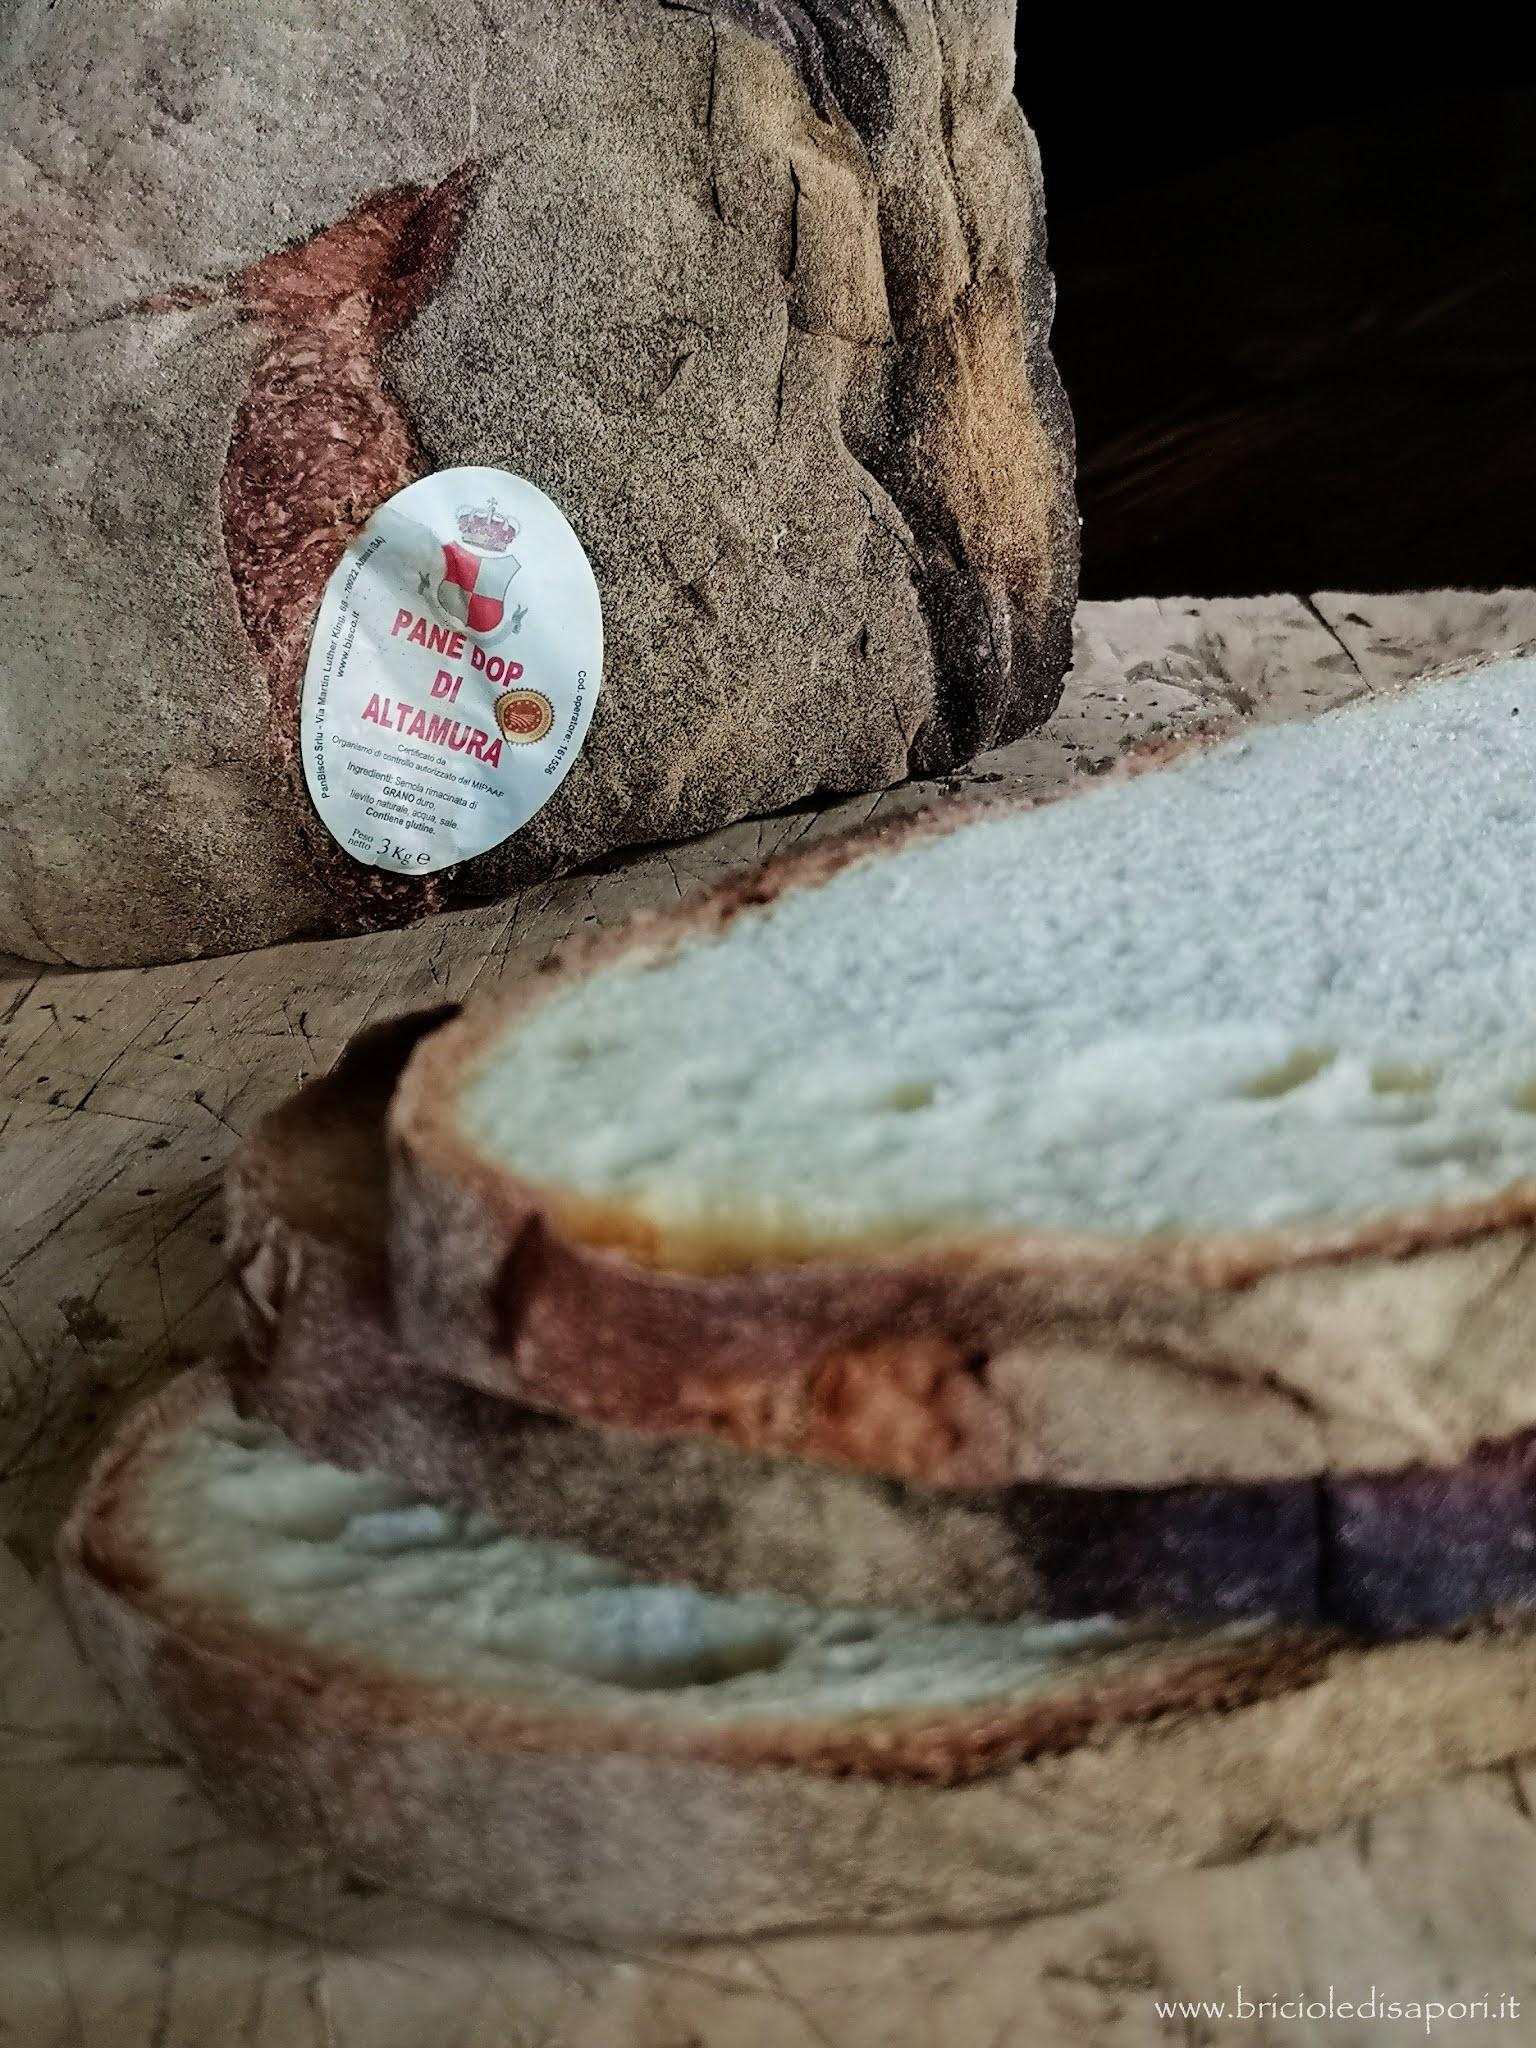 origini del pane di altamura